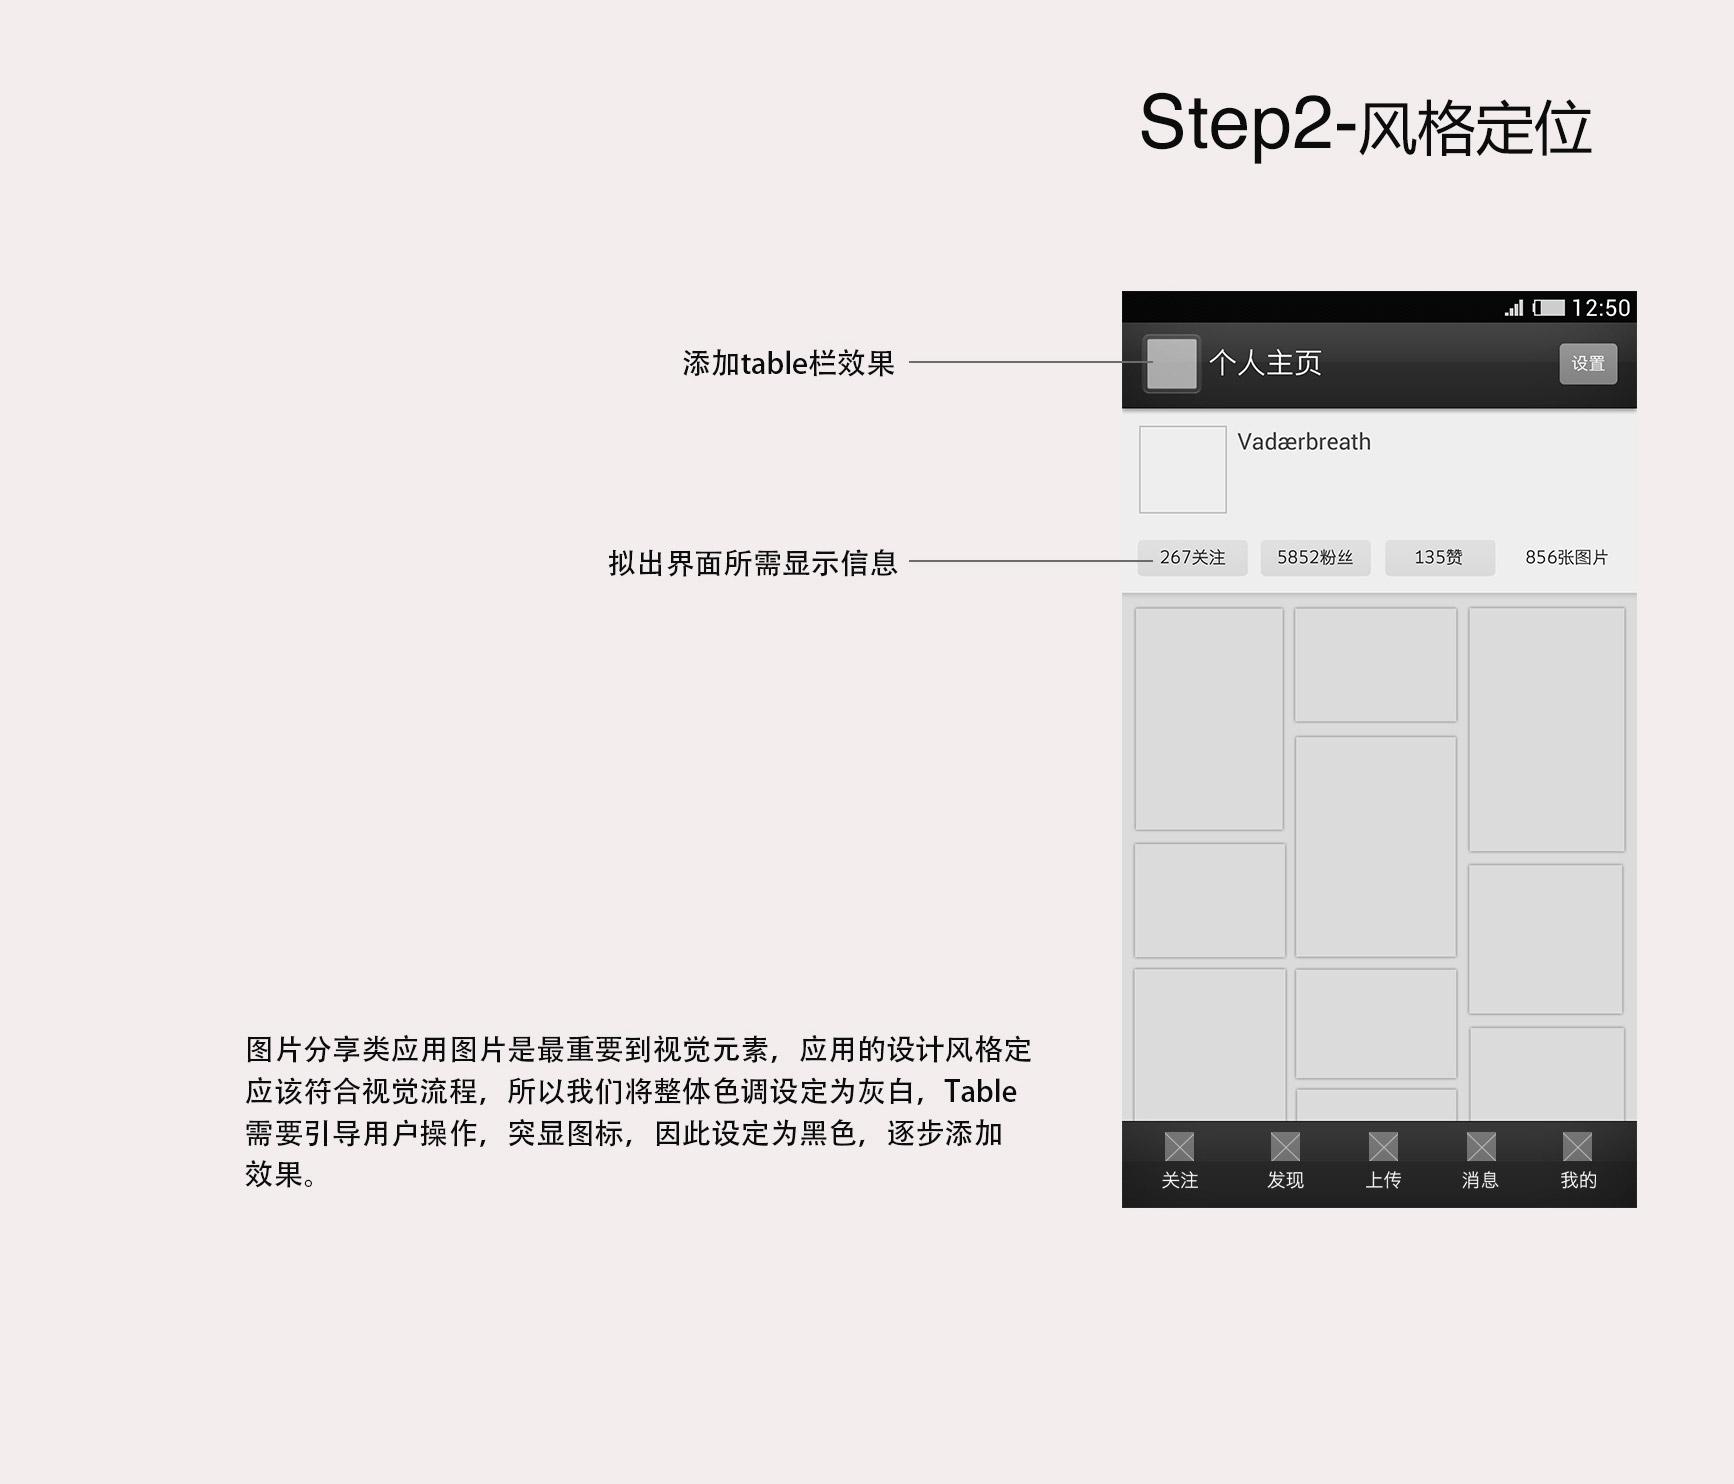 1462499907-1876-app-02